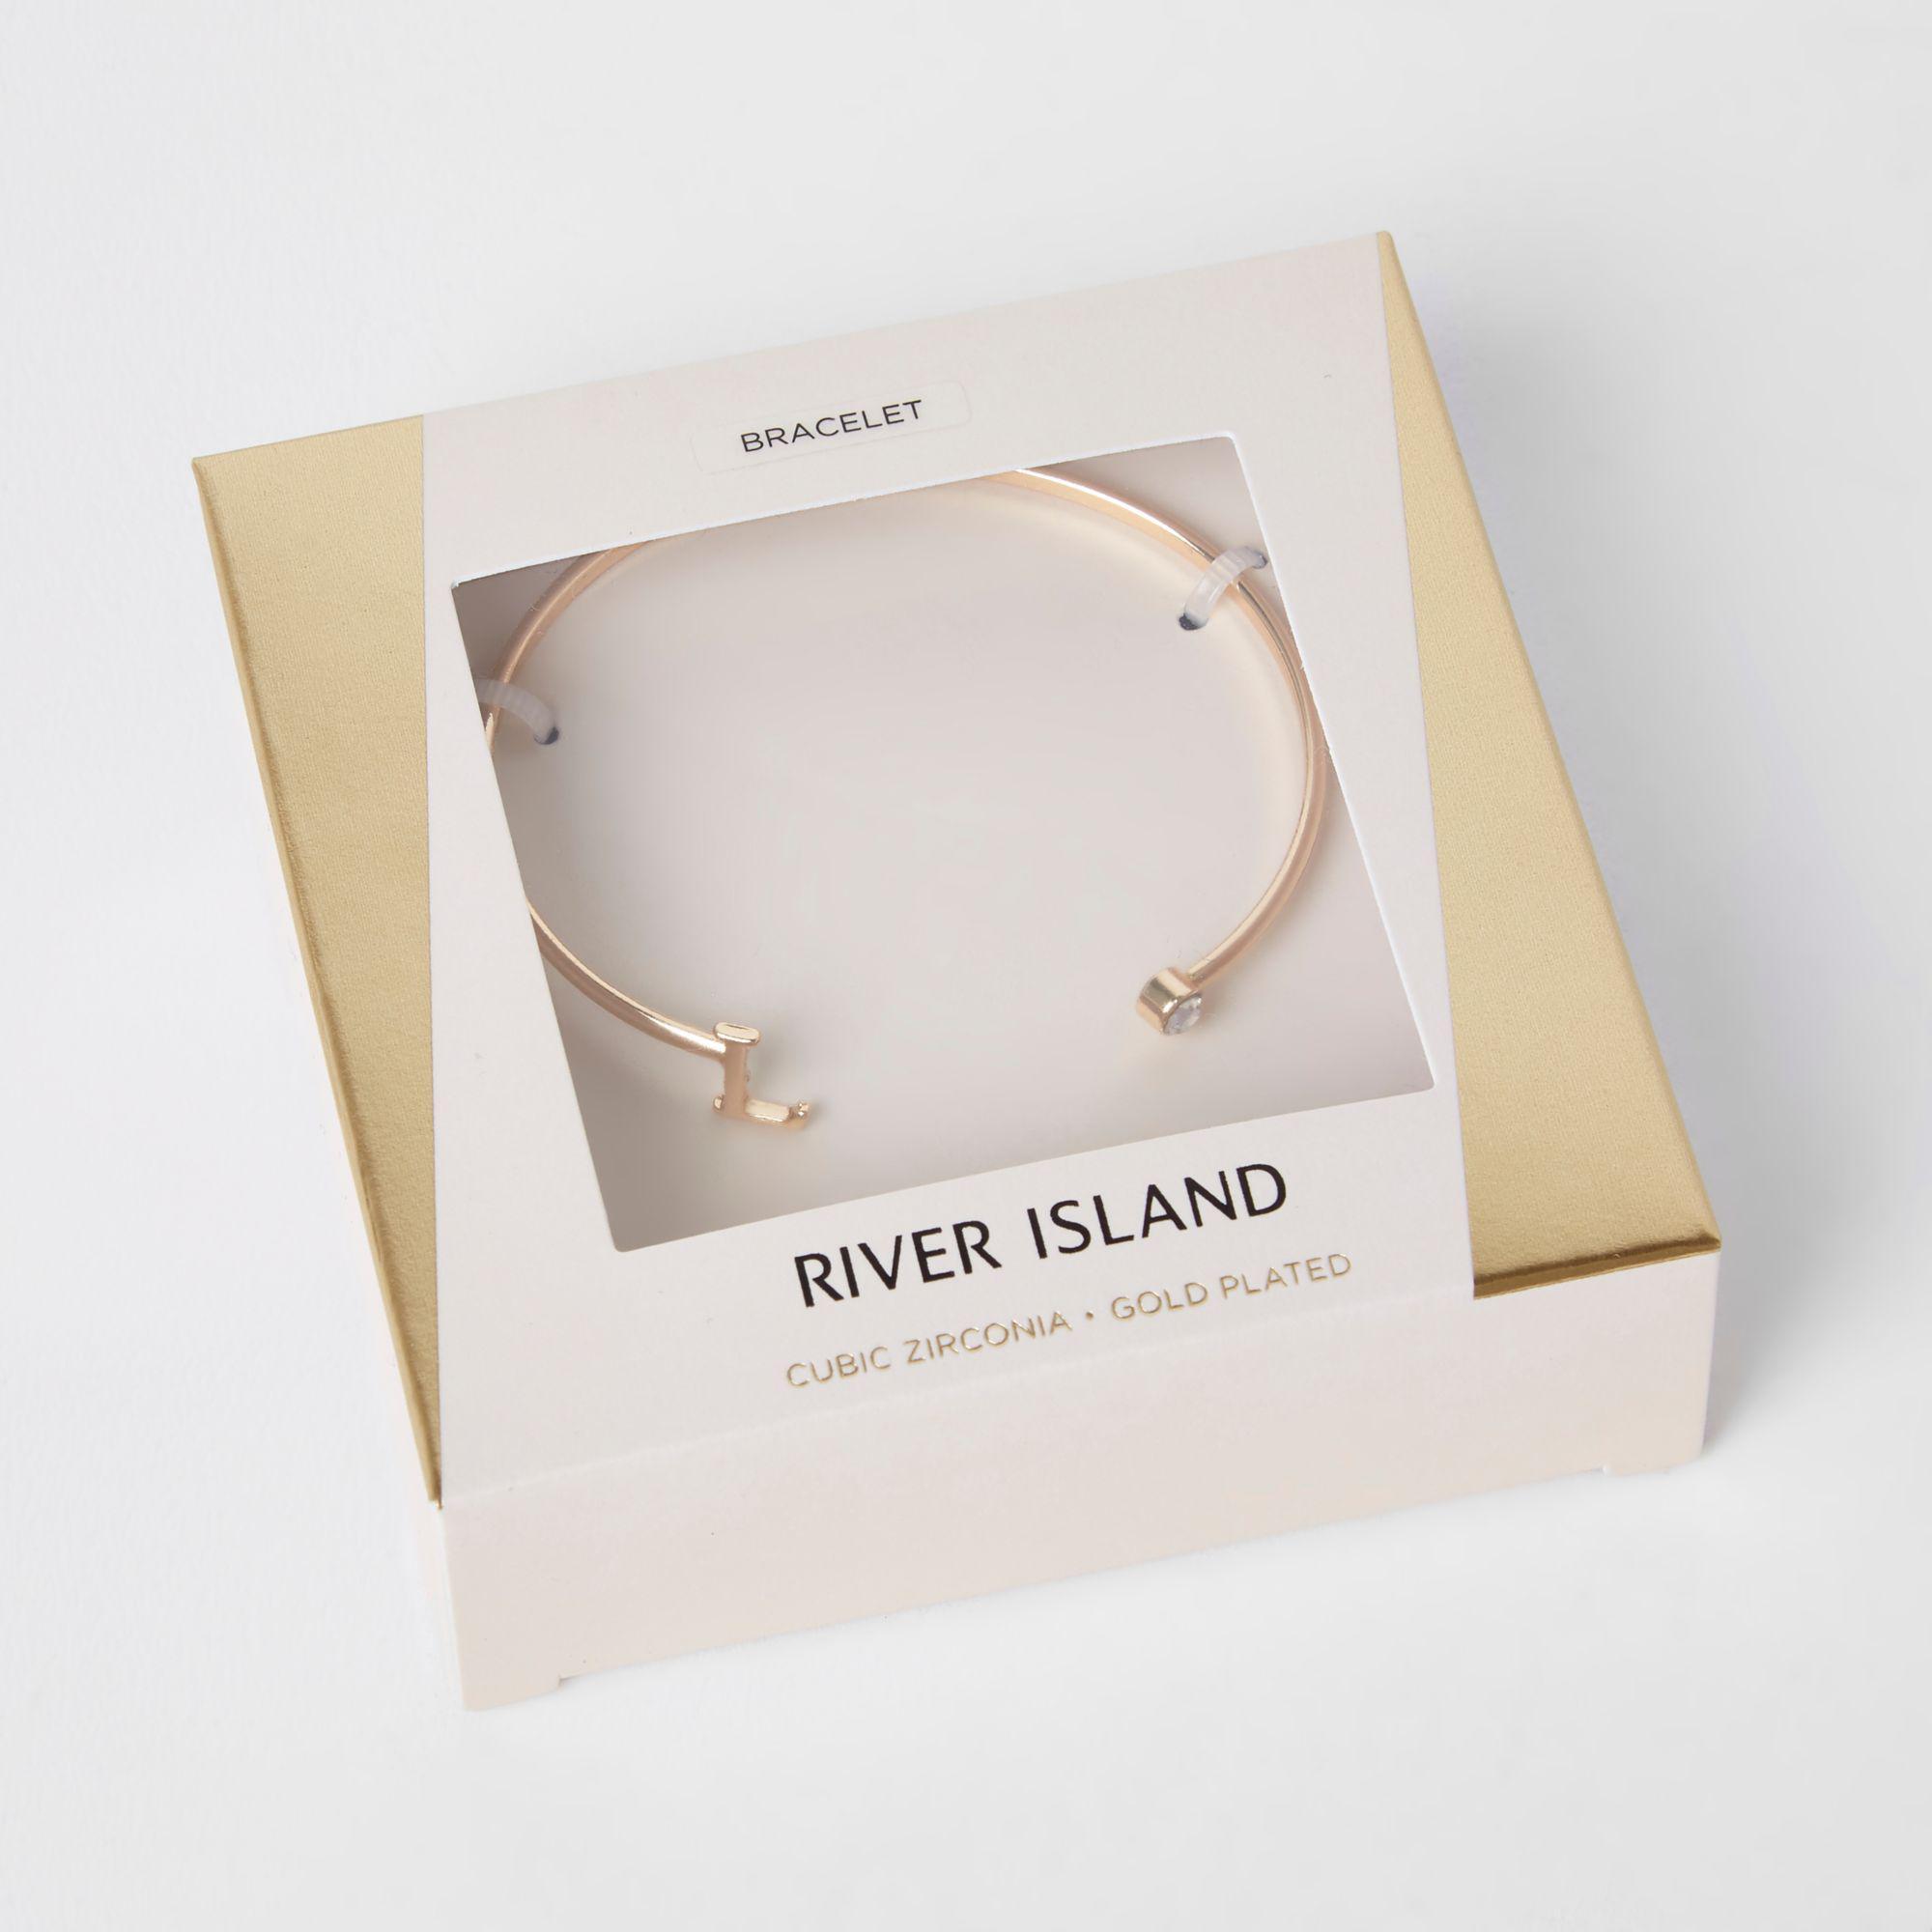 2bc95b5ba59 River Island - Metallic Gold Plated 'l' Initial Cuff Bracelet - Lyst. View  fullscreen